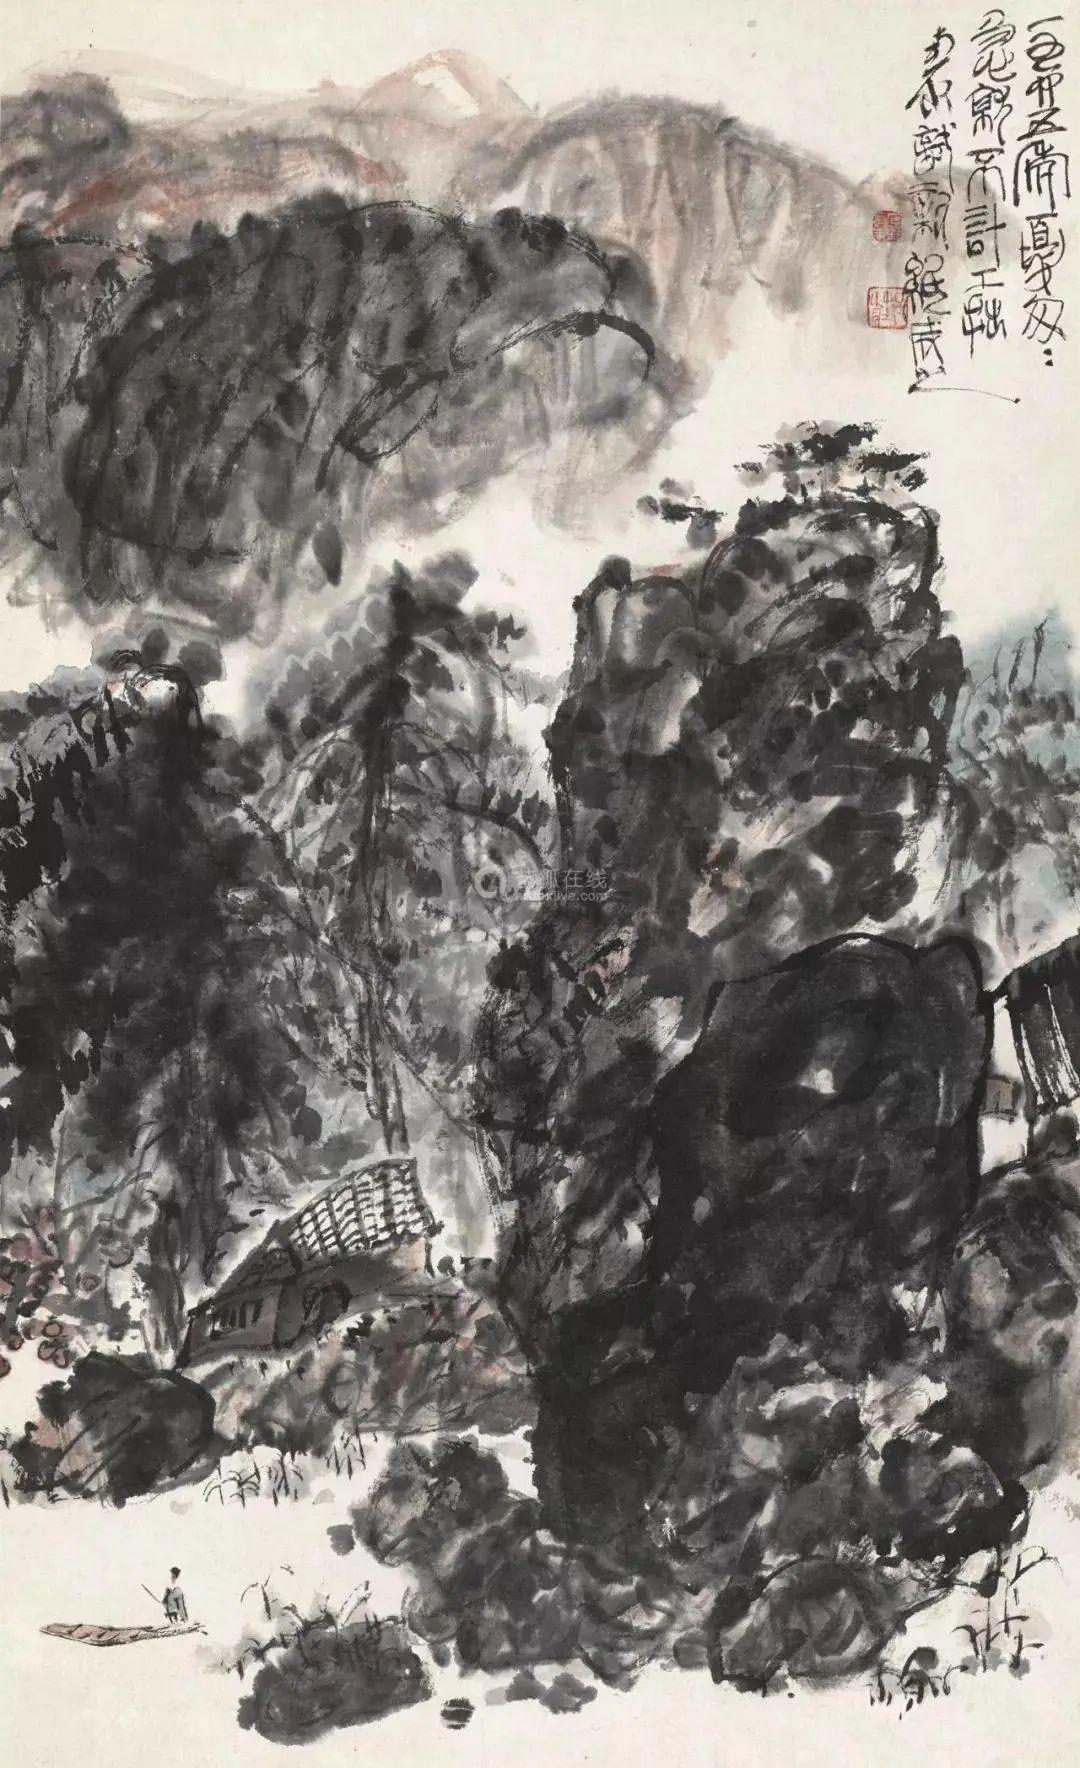 """「巴蜀画派·观点」陈子庄:""""真实感""""三个字不能用在艺术上"""